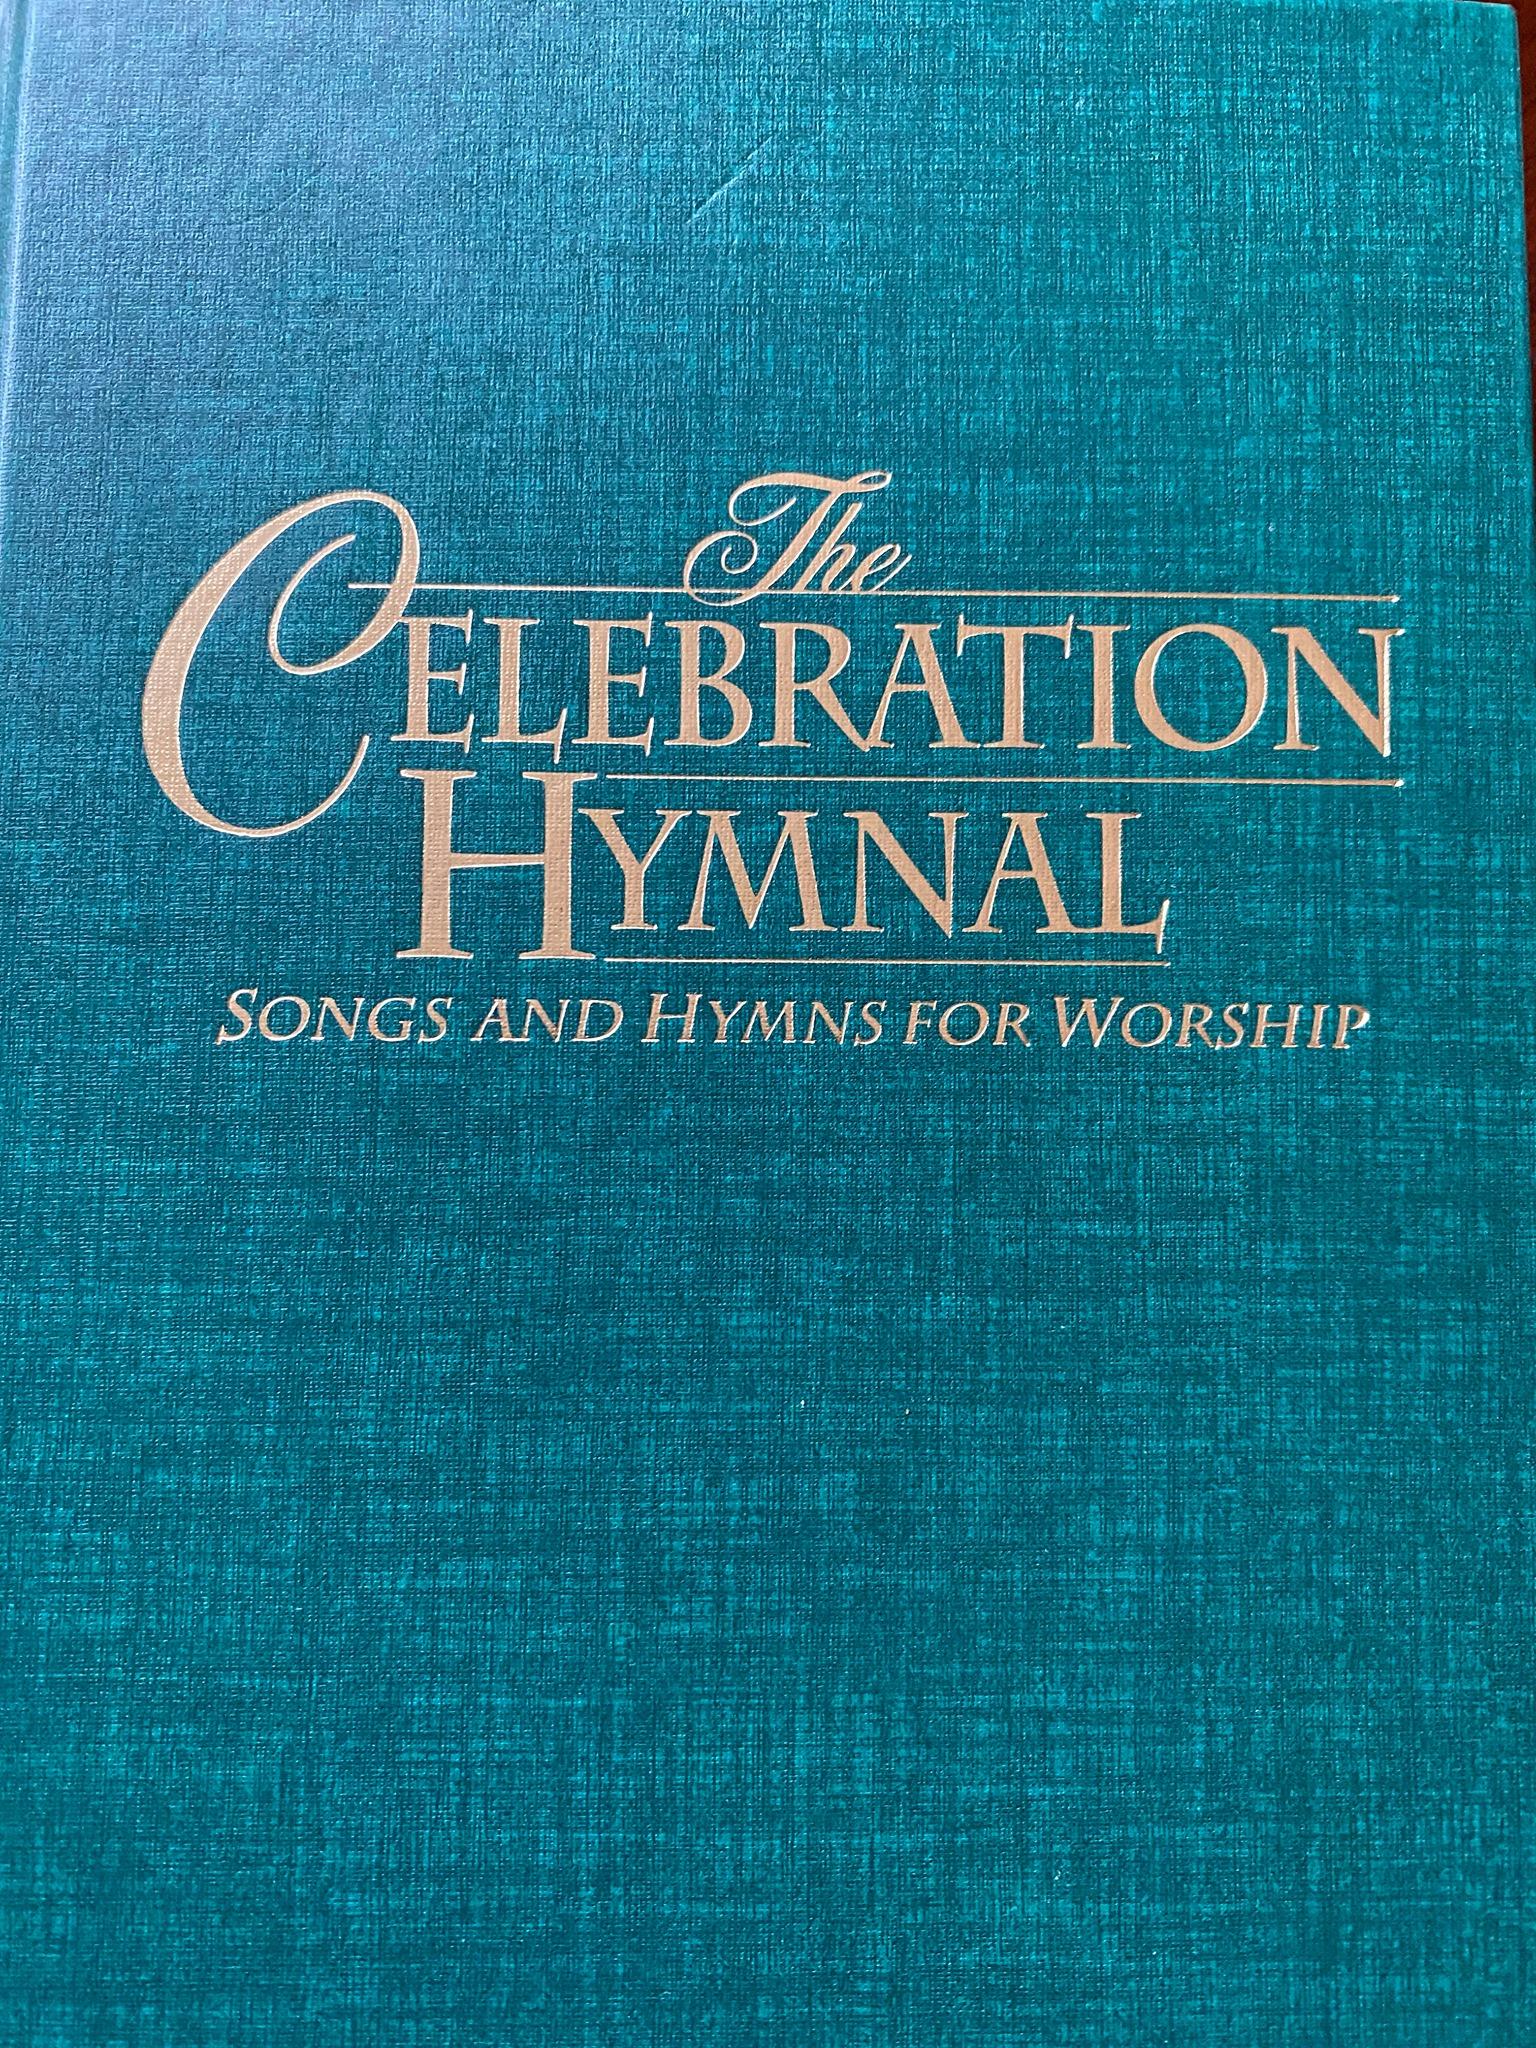 The Celebration Hymnal